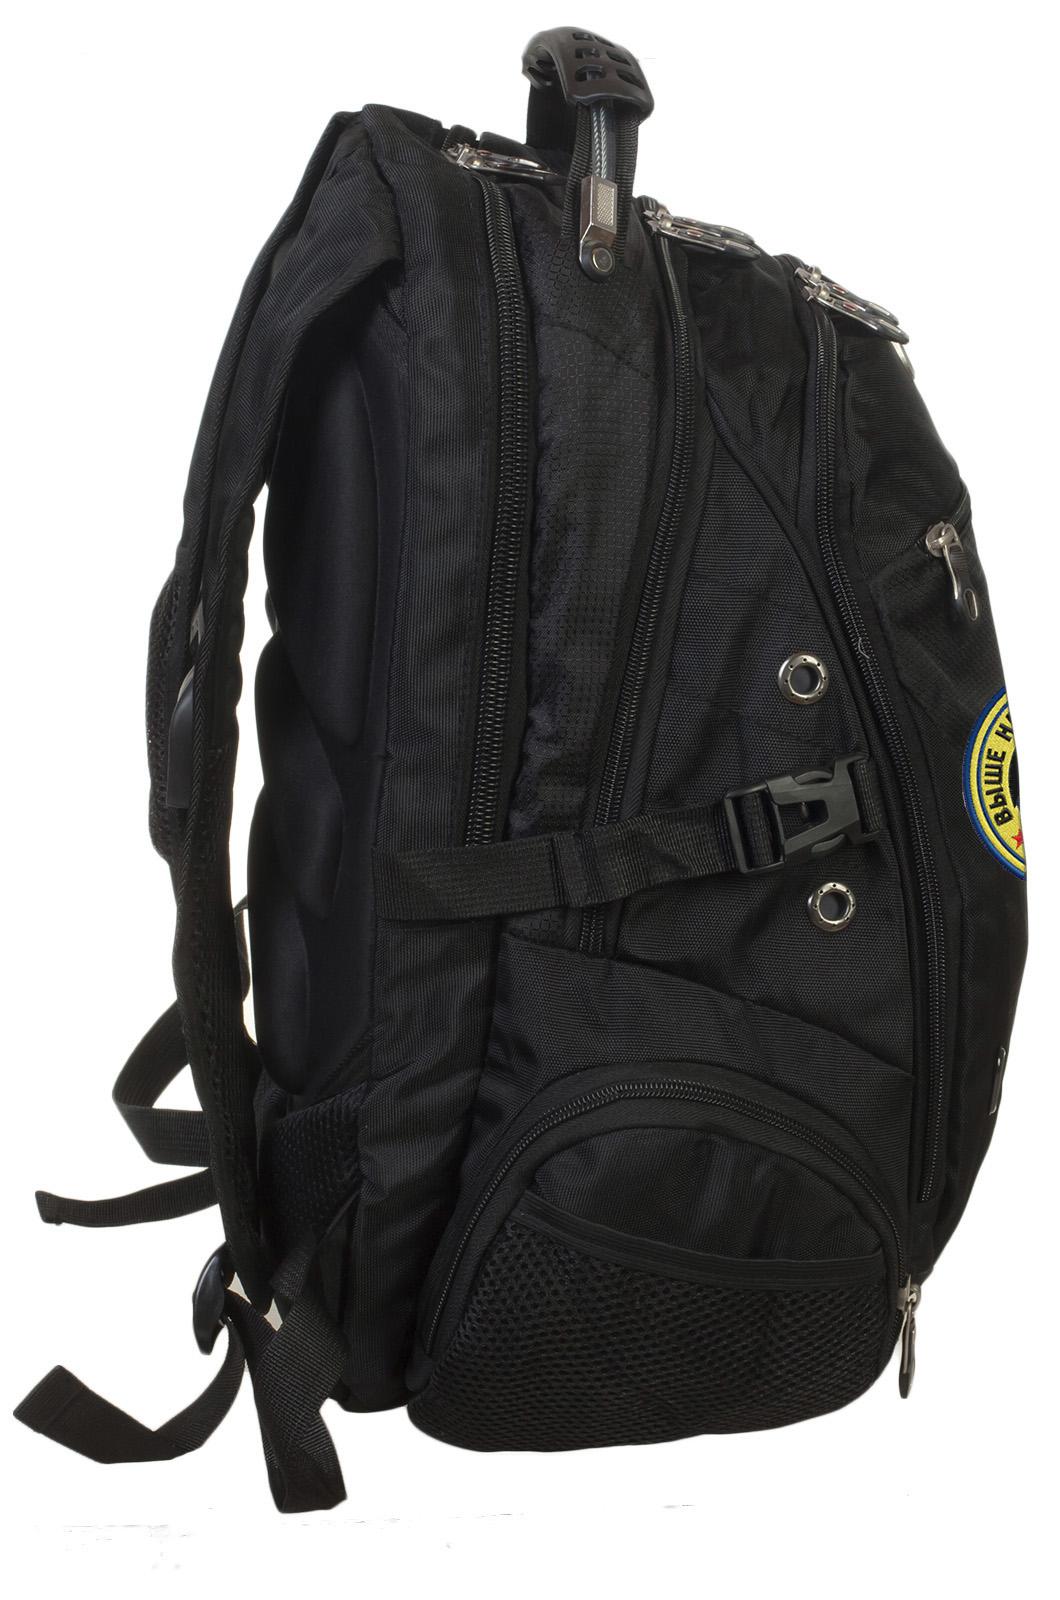 Заказать надежный городской рюкзак с эмблемой Спецназ ГРУ